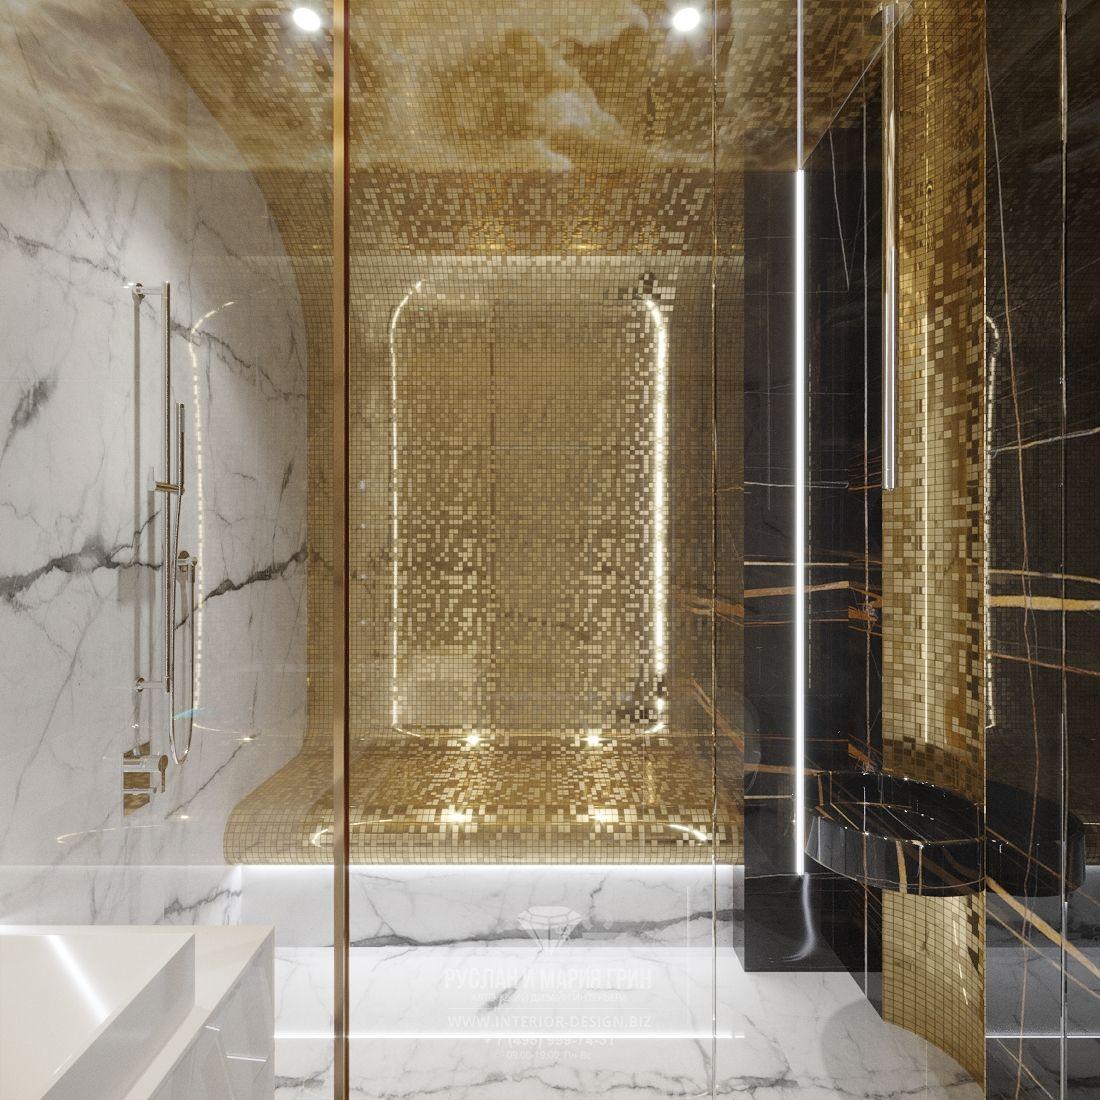 Дизайн интерьера ванной комнаты с золотистой мозаикой